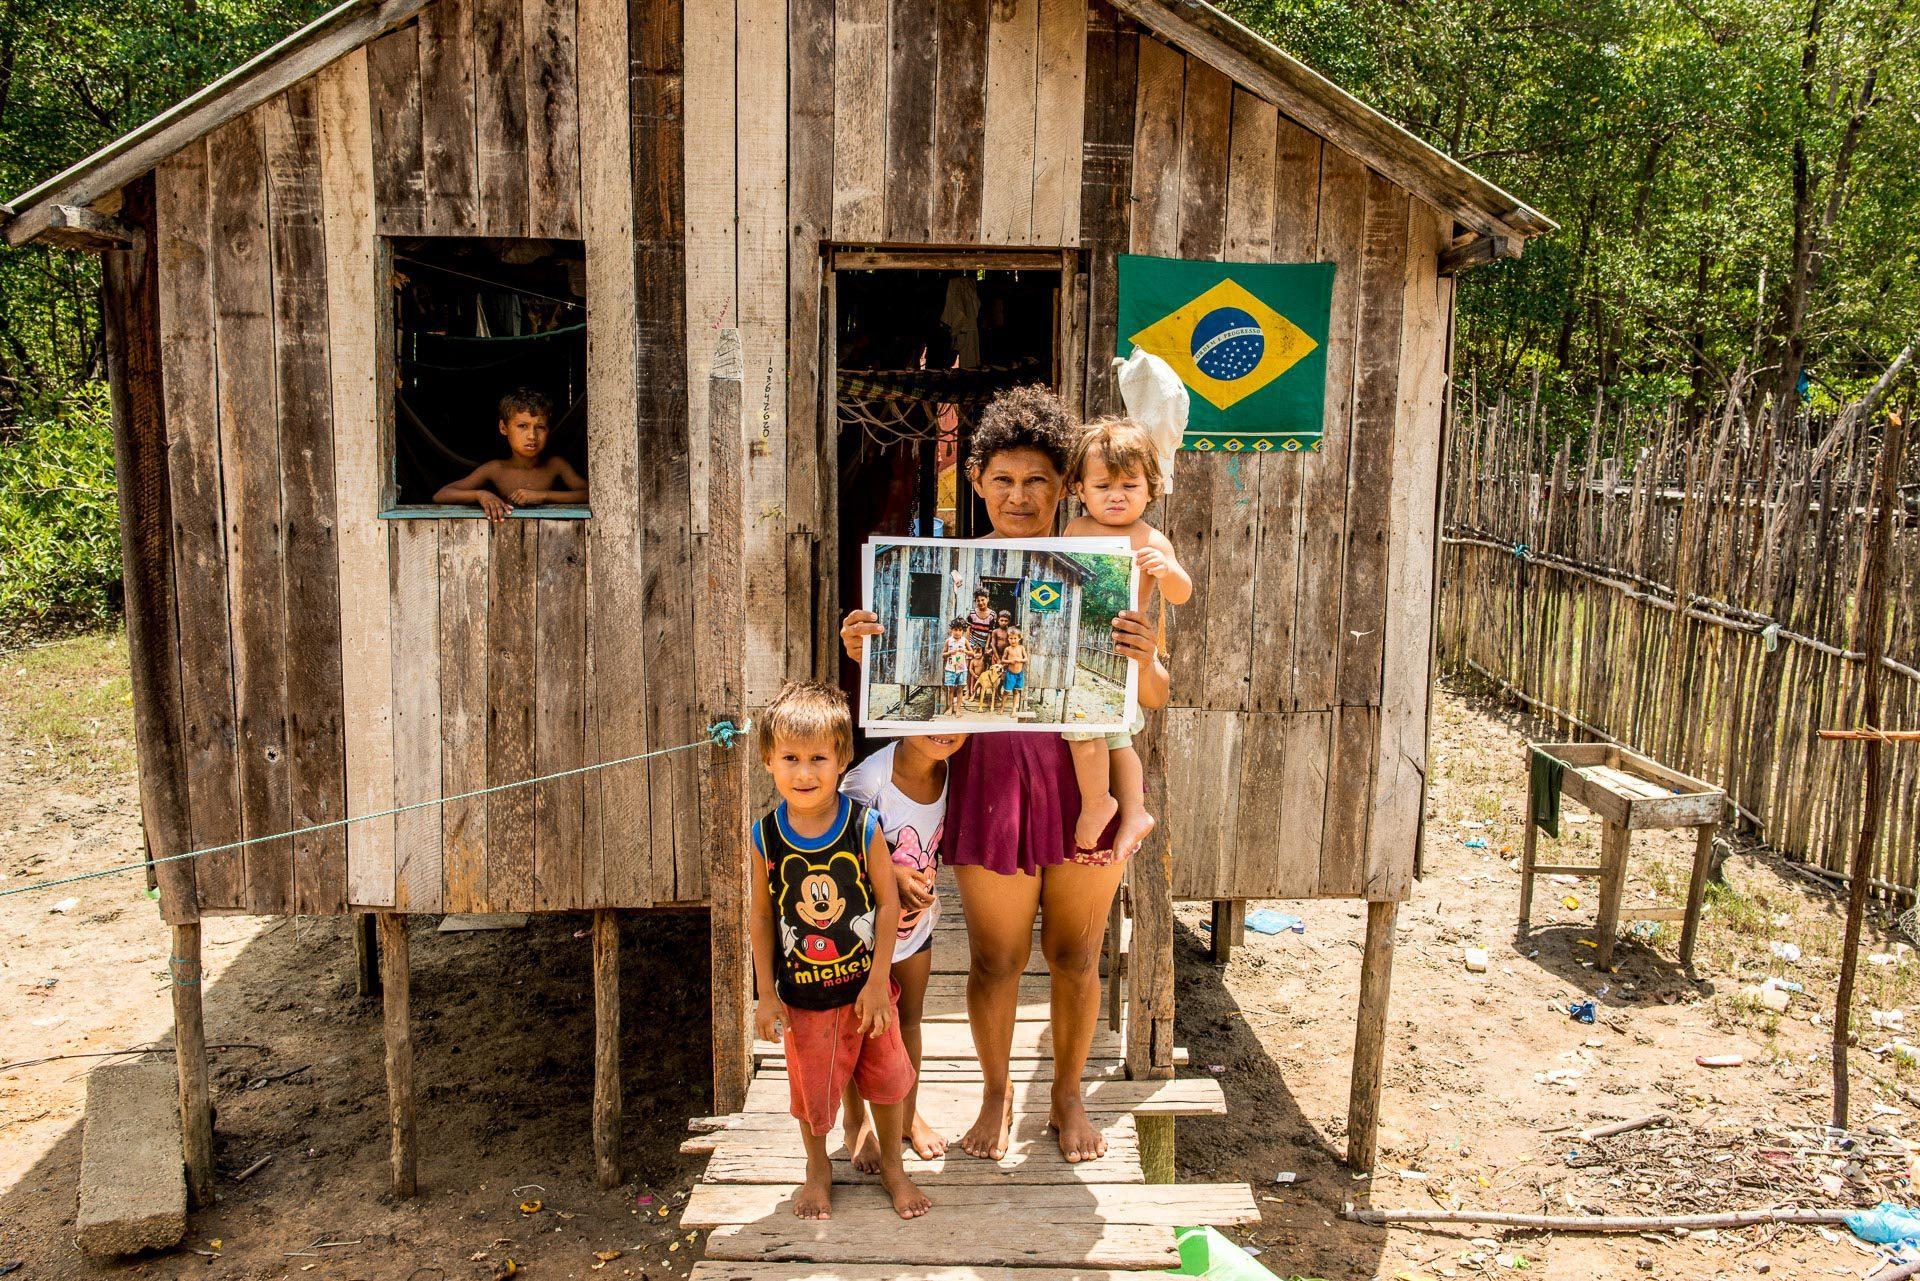 Entrega das fotos em Bragança - Pará